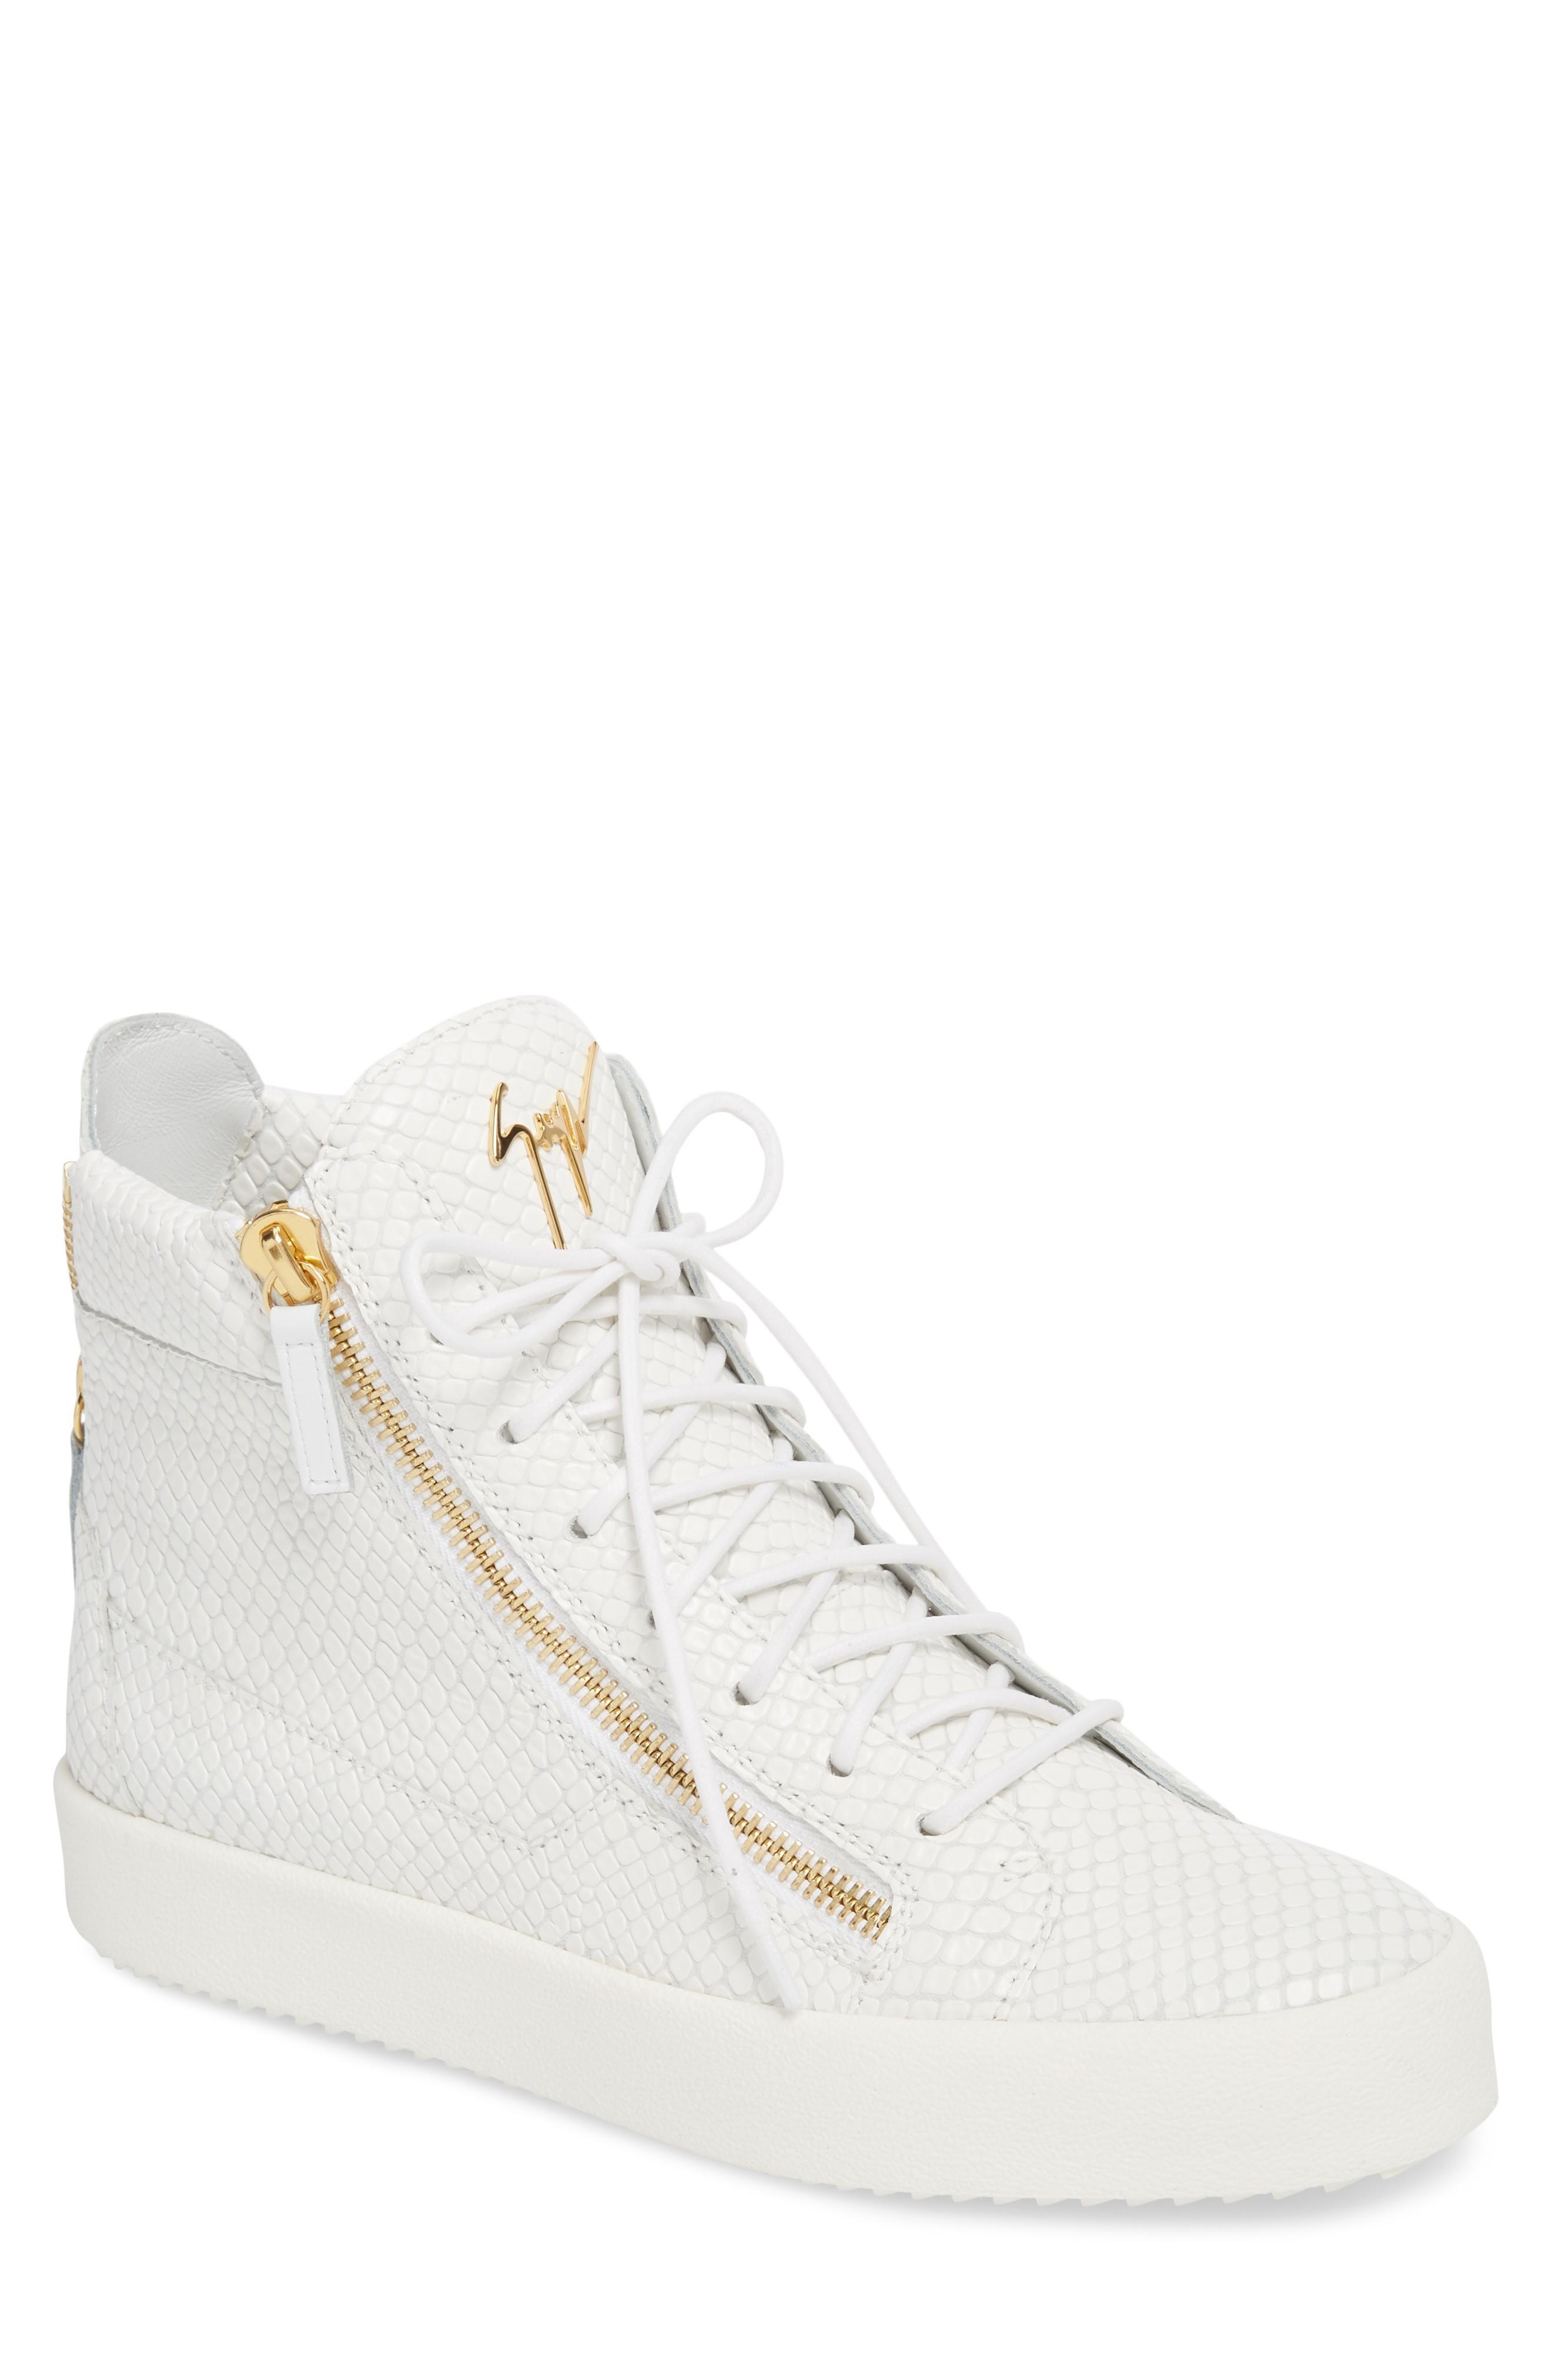 71e2d93a4455 Giuseppe Zanotti Snake Embossed High Top Sneaker In Bianco